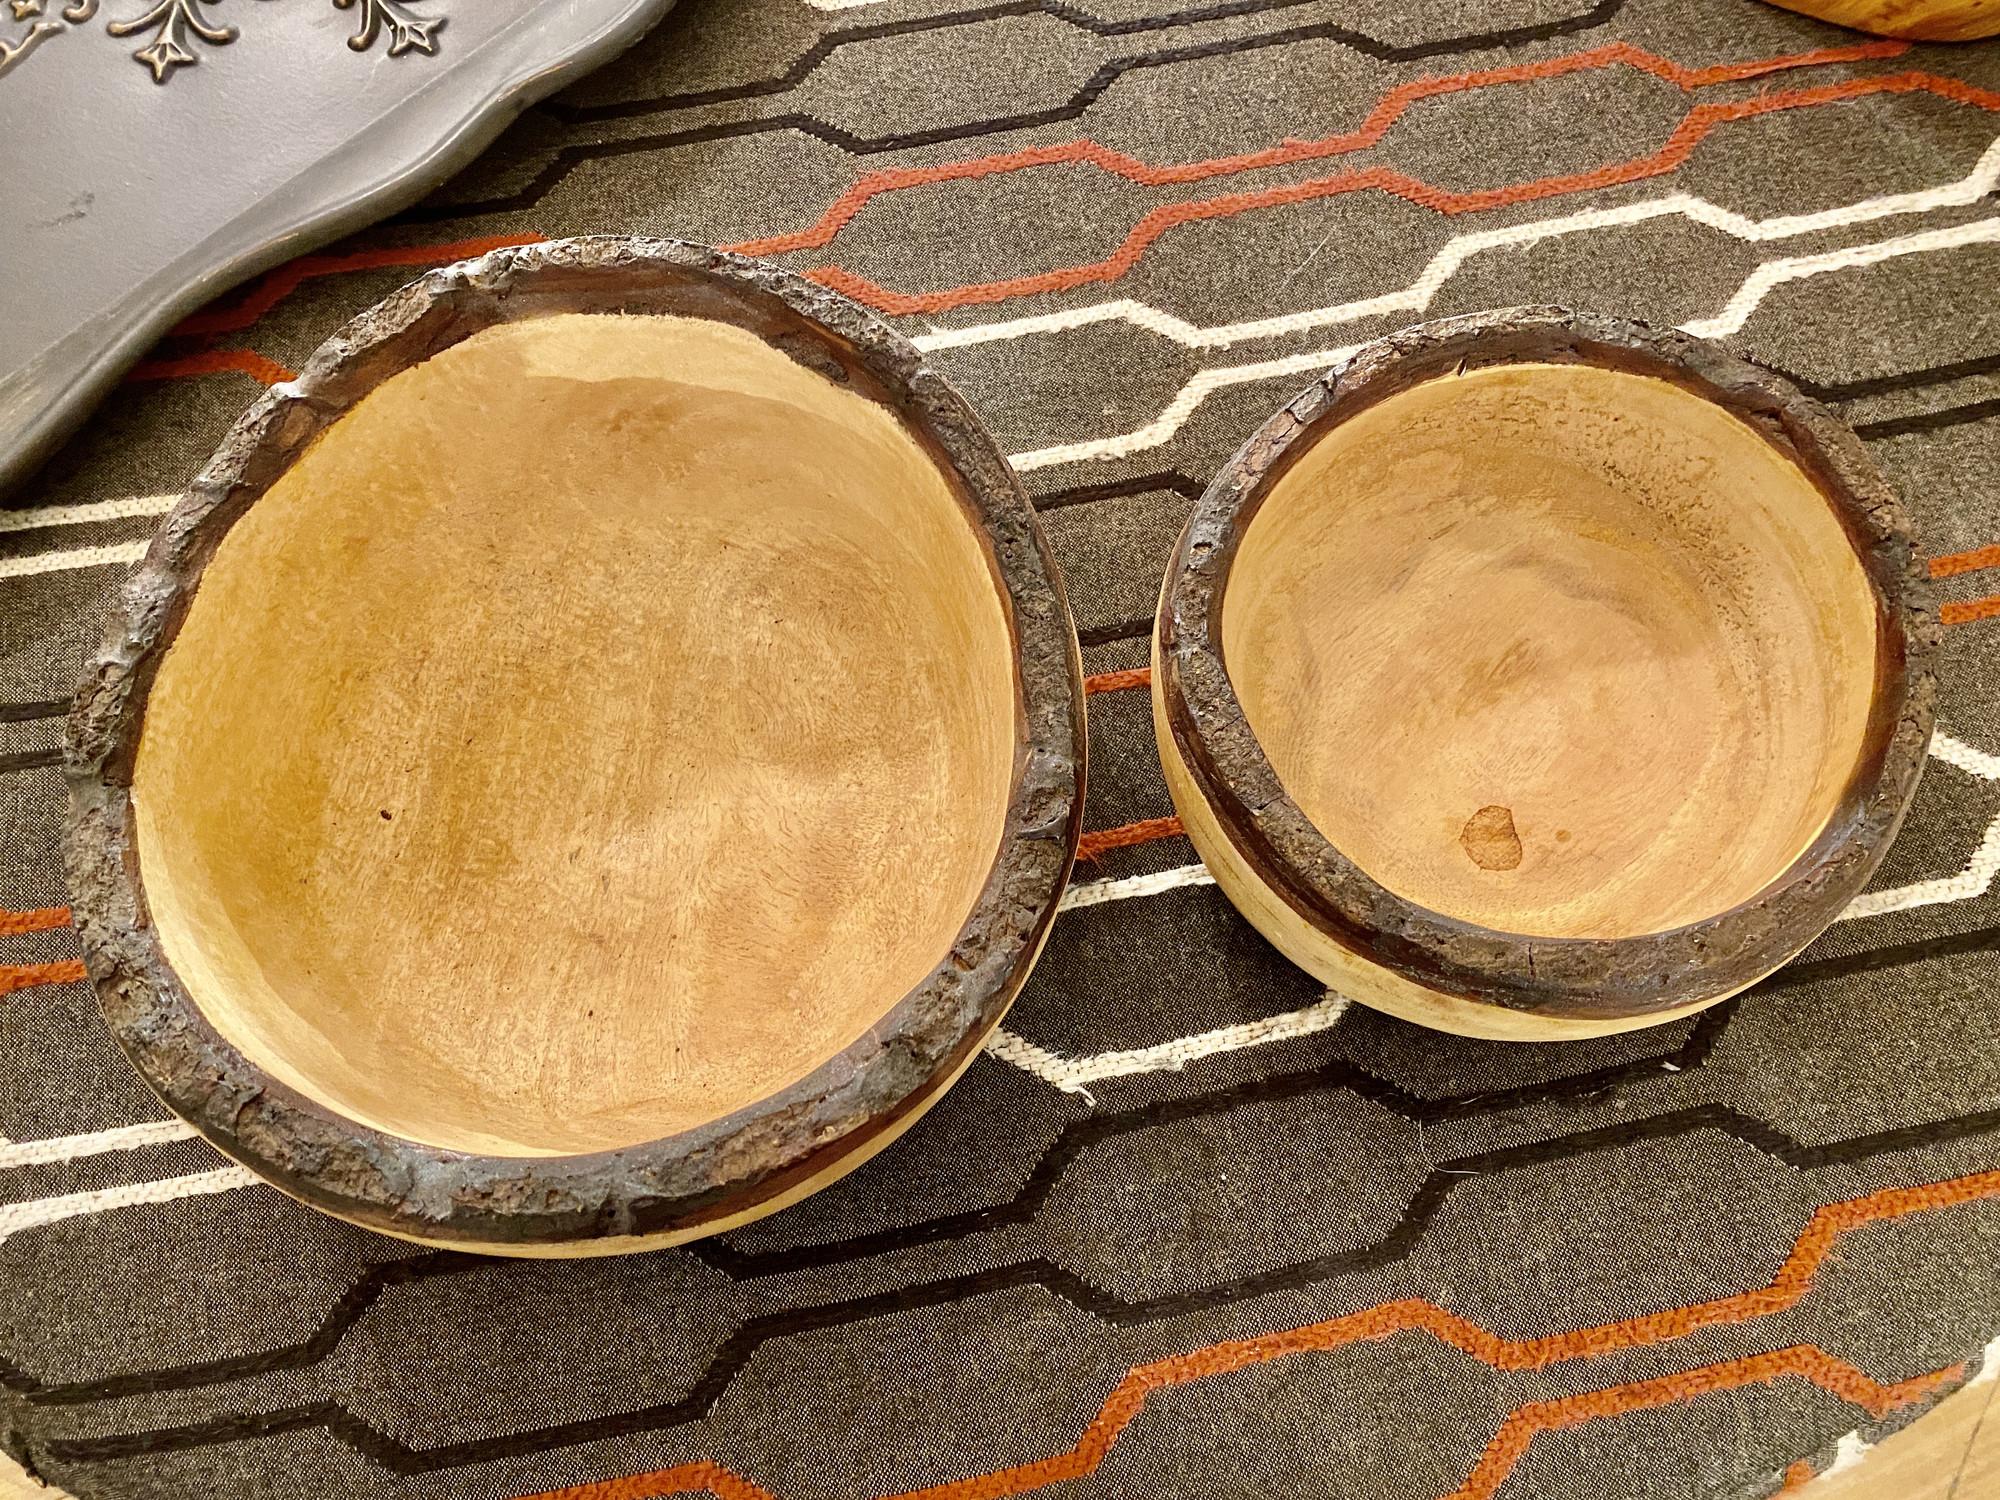 Bark Edge Bowl, Danny SEO,<br /> Size: 10x9x4<br /> Also available:<br /> Bark Edge Bowl, Danny SEO, Size: 7x4 $25, #89434